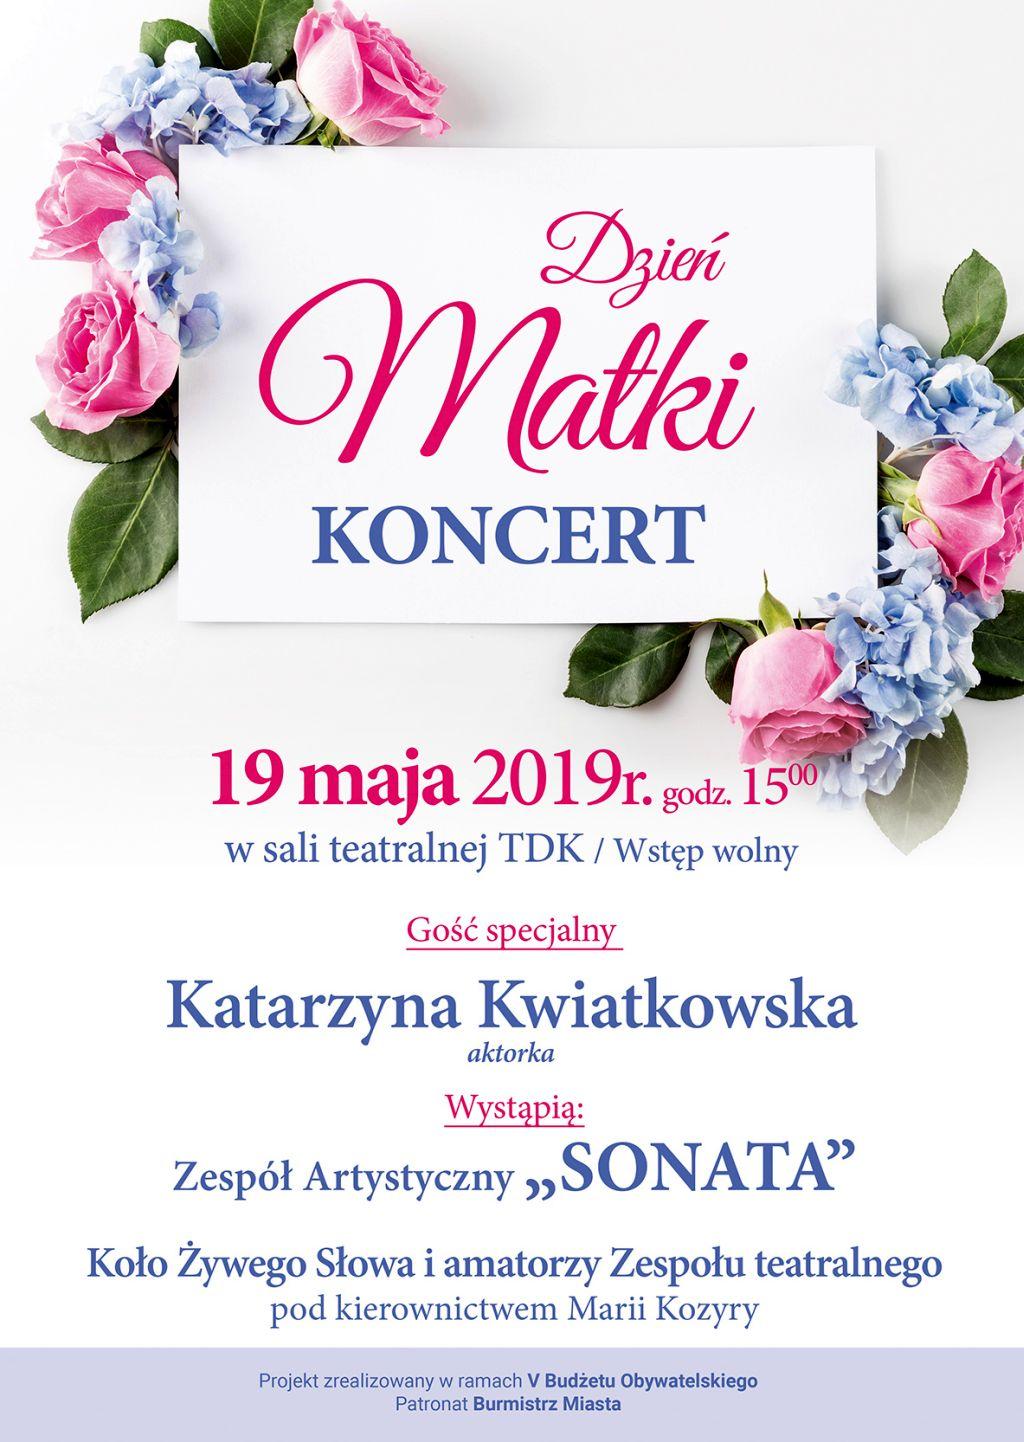 dzien matki 2019 Tomaszów Lub.: Koncertowy Dzień Matki z aktorką Katarzyną Kwiatkowską